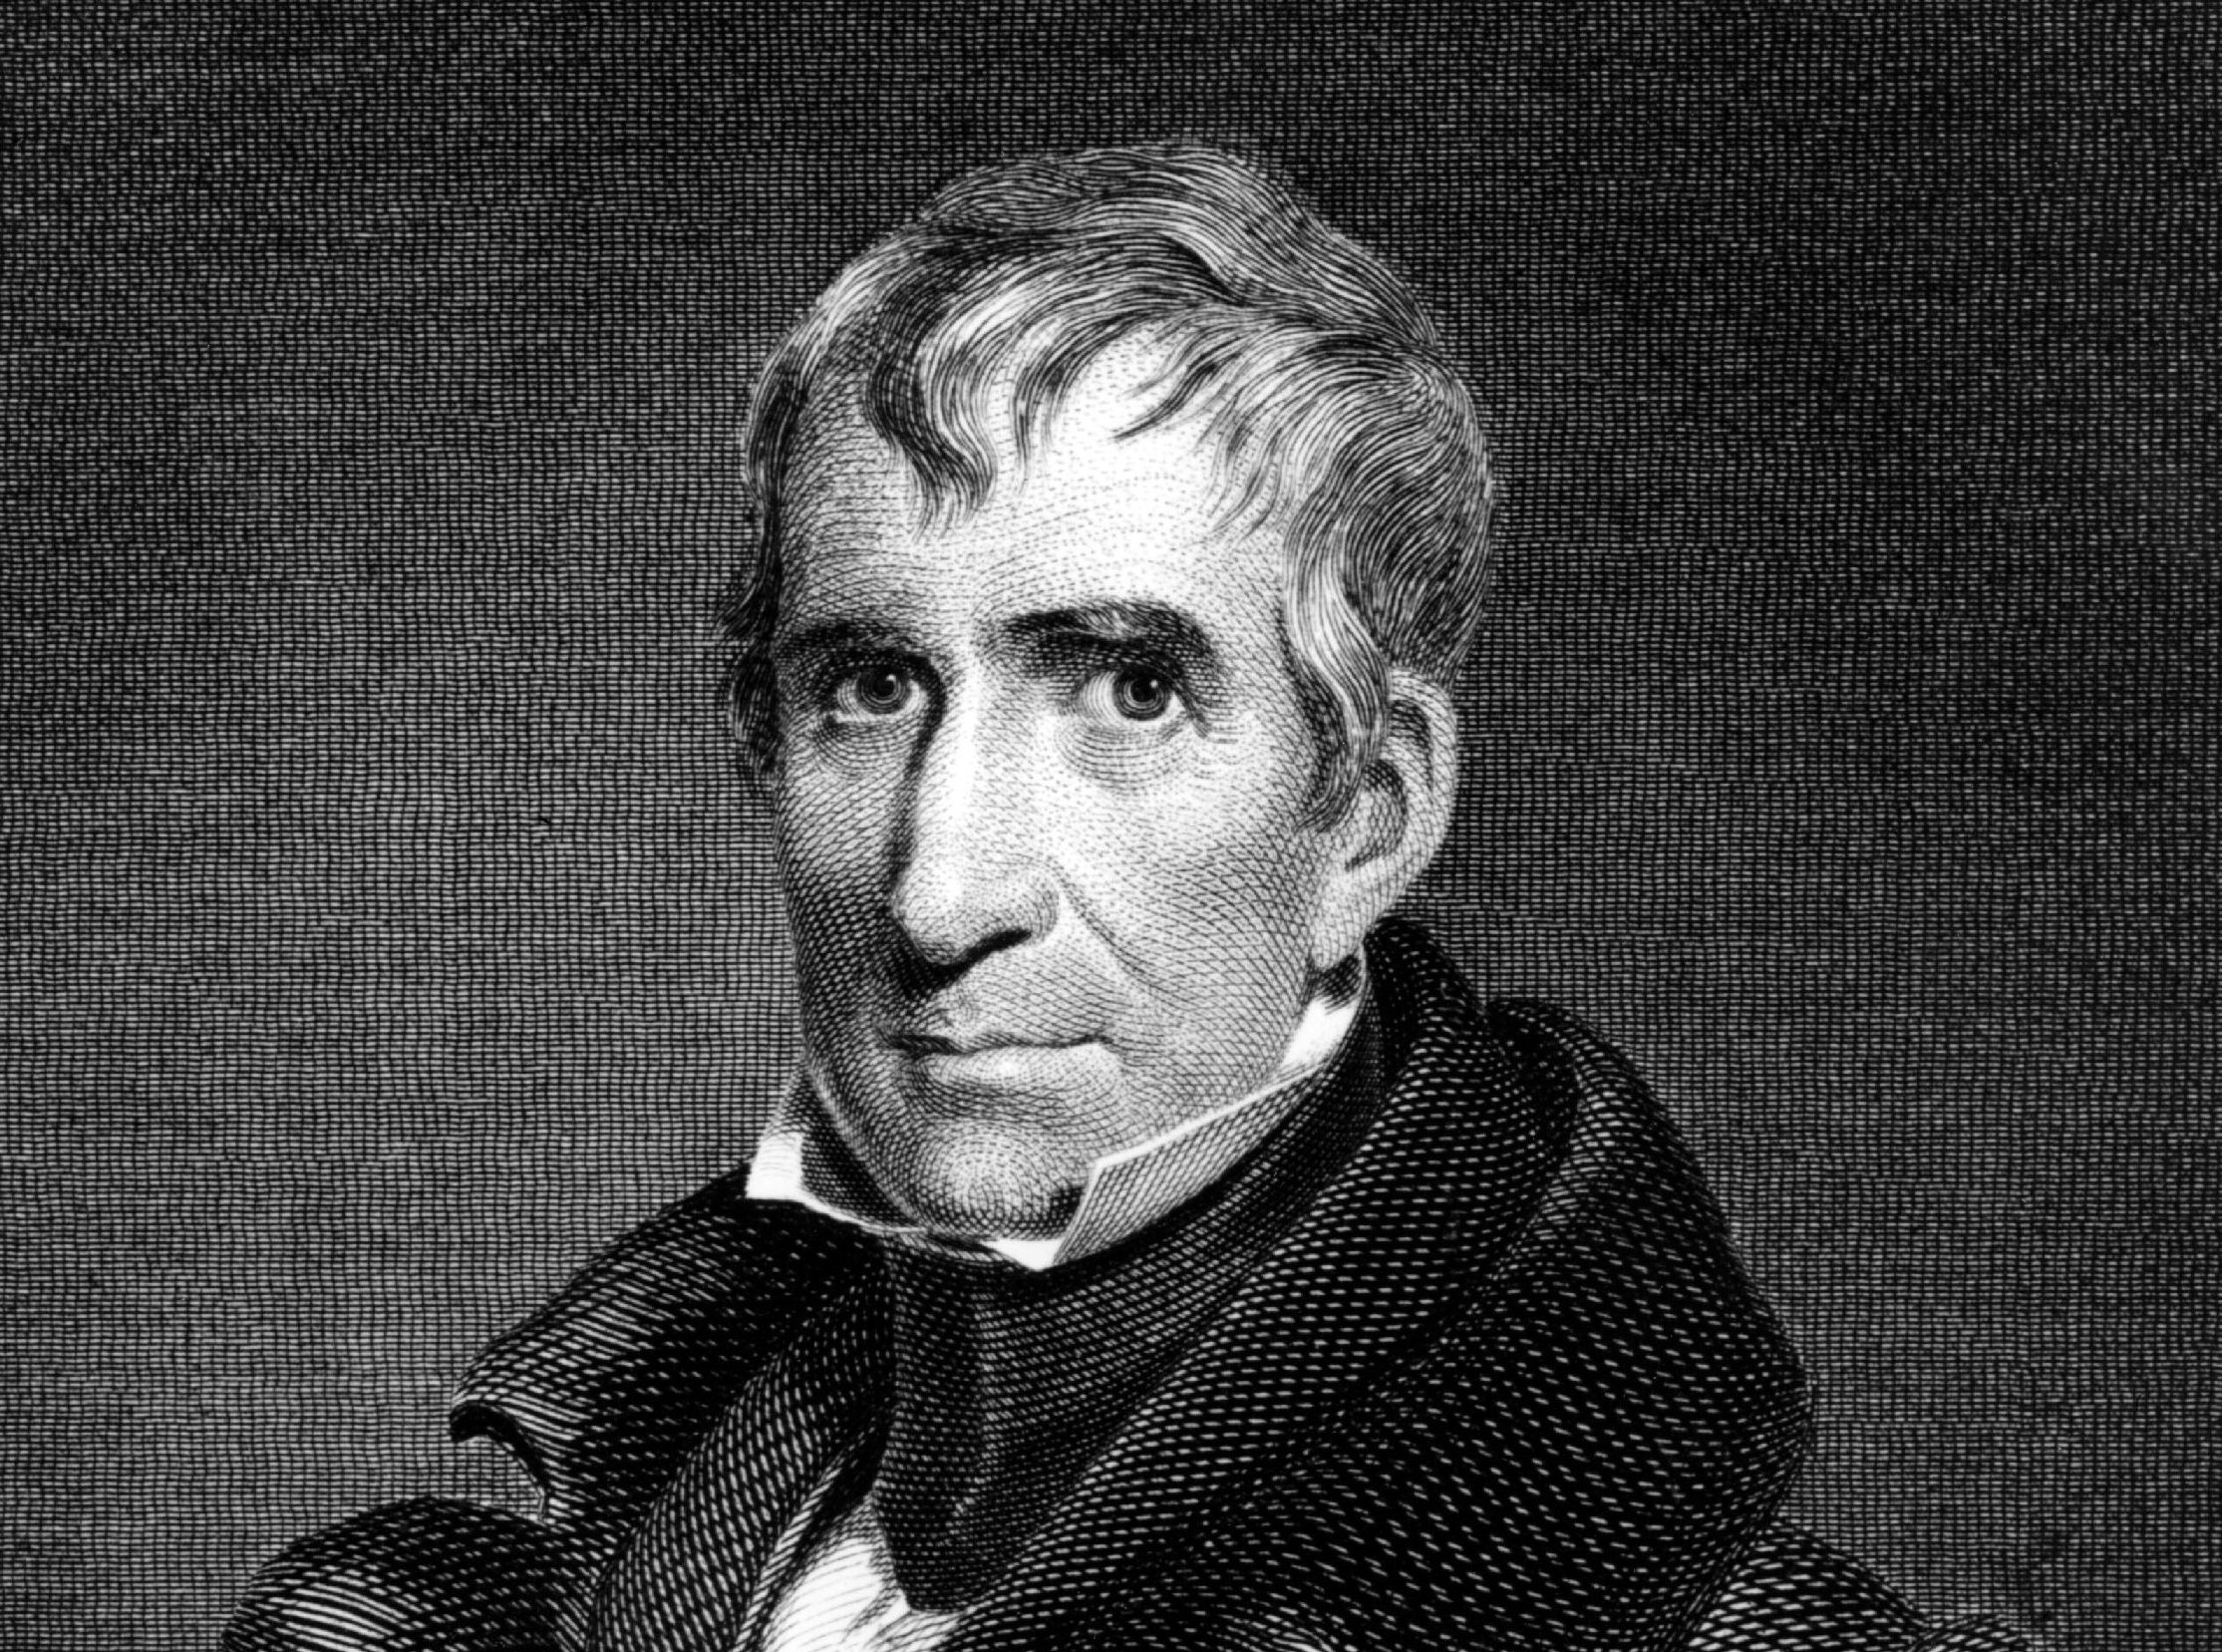 Portrait of President William Henry Harrison